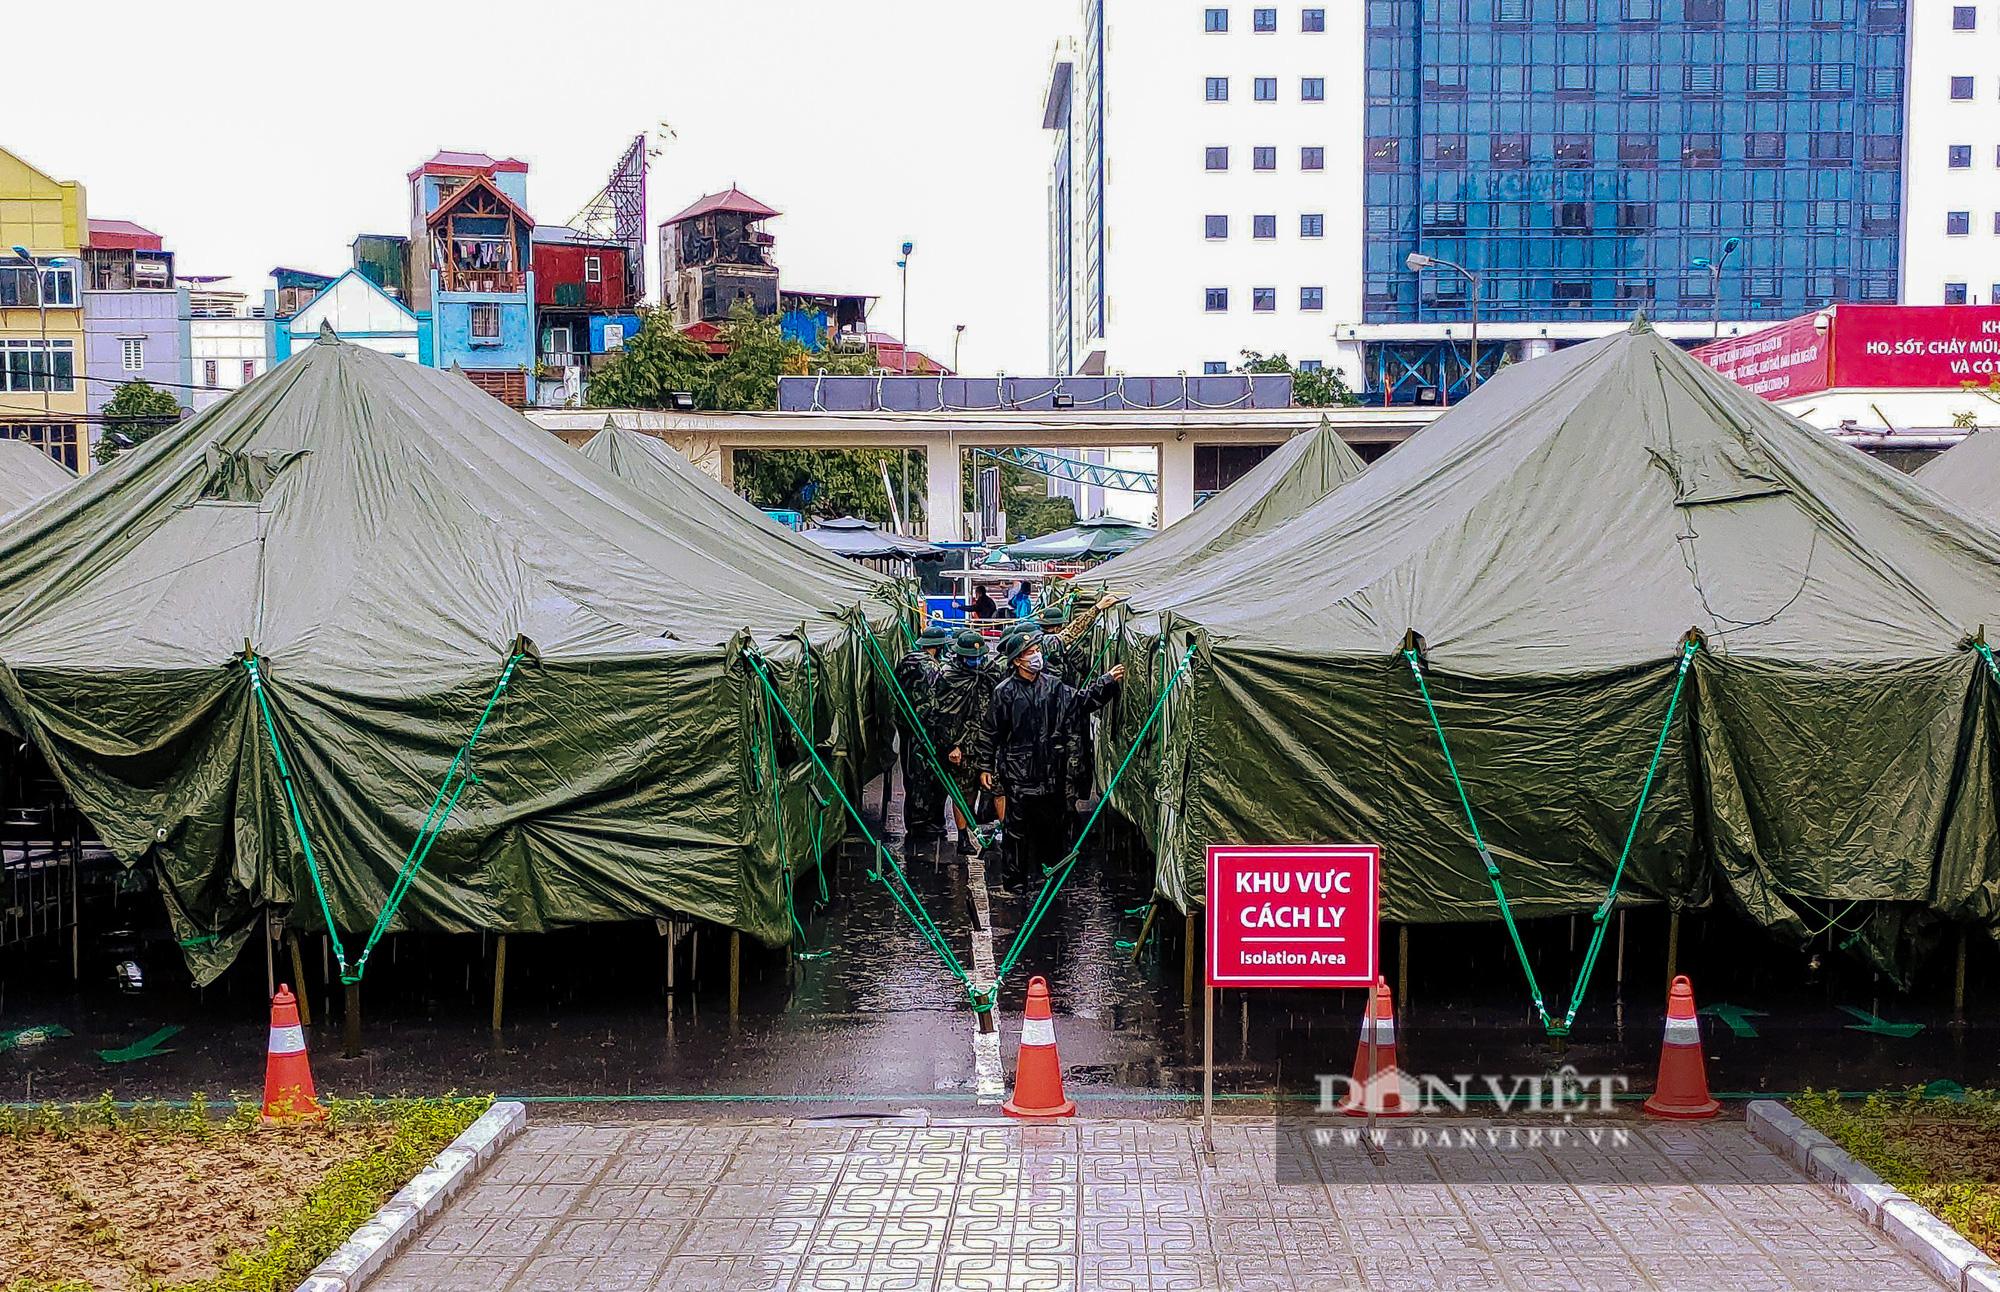 Cận cảnh bệnh viện dã chiến xây trong 4 tiếng ở Hà Nội  - Ảnh 11.